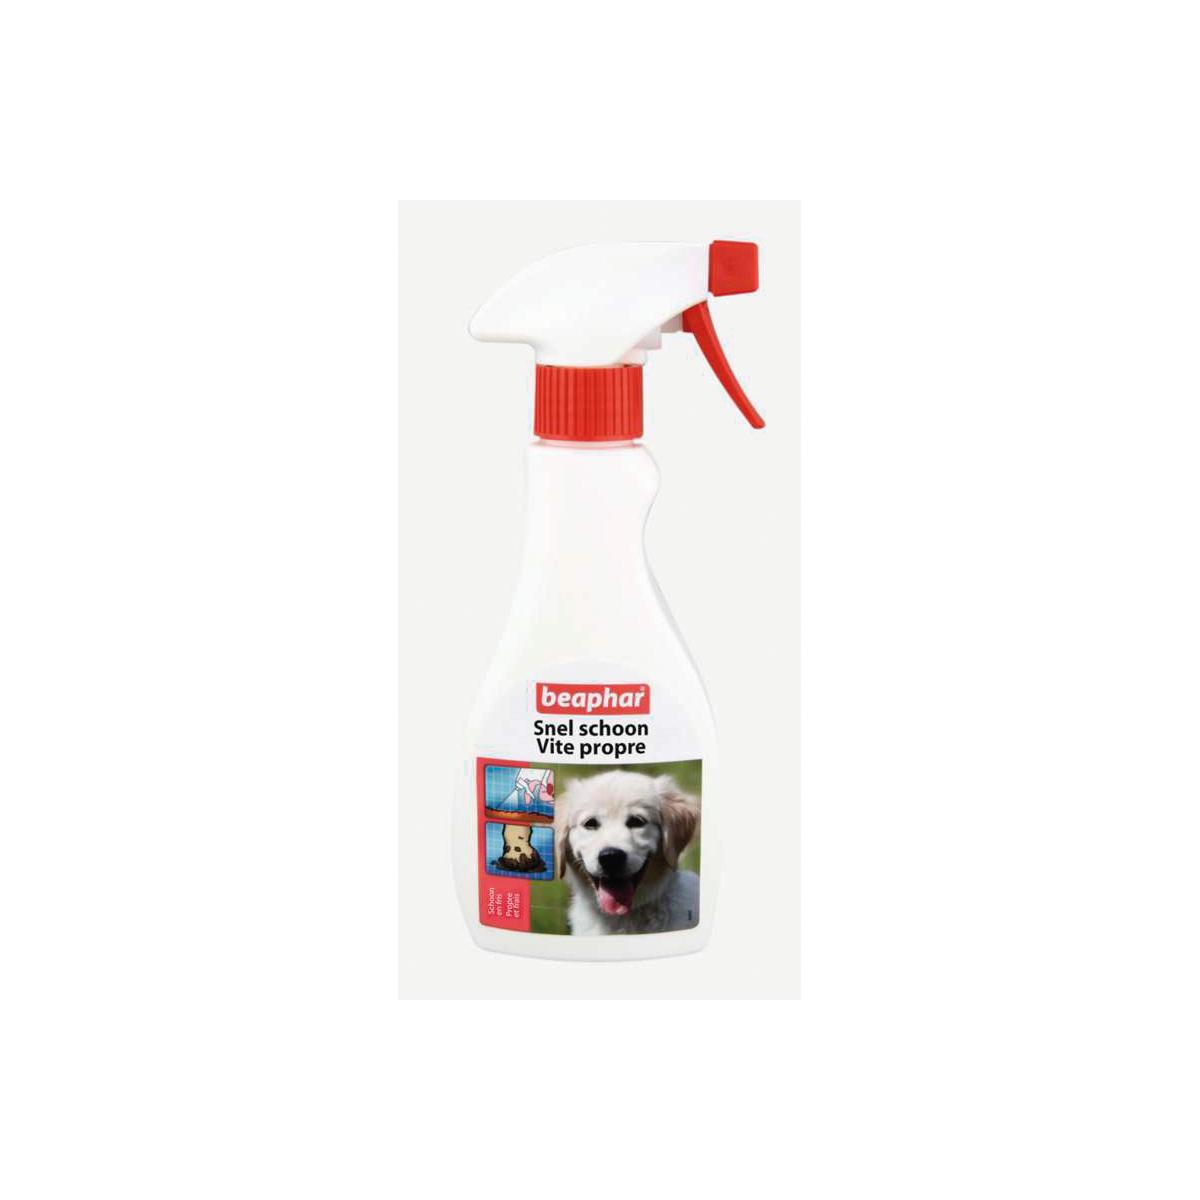 Snel schoon shampoo meerkleurig 250 ml